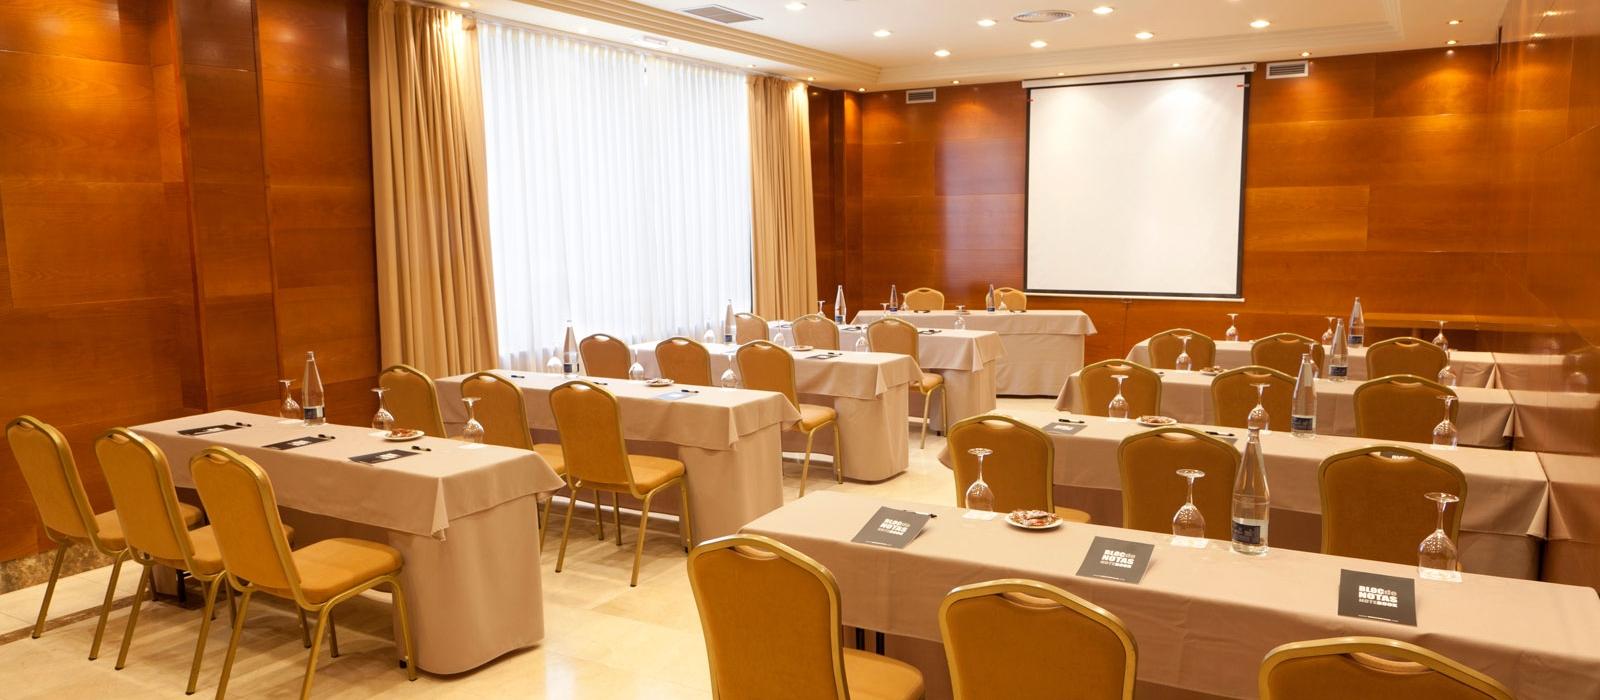 Reuniones y Eventos | Vincci Ciudad de Salamanca 4*